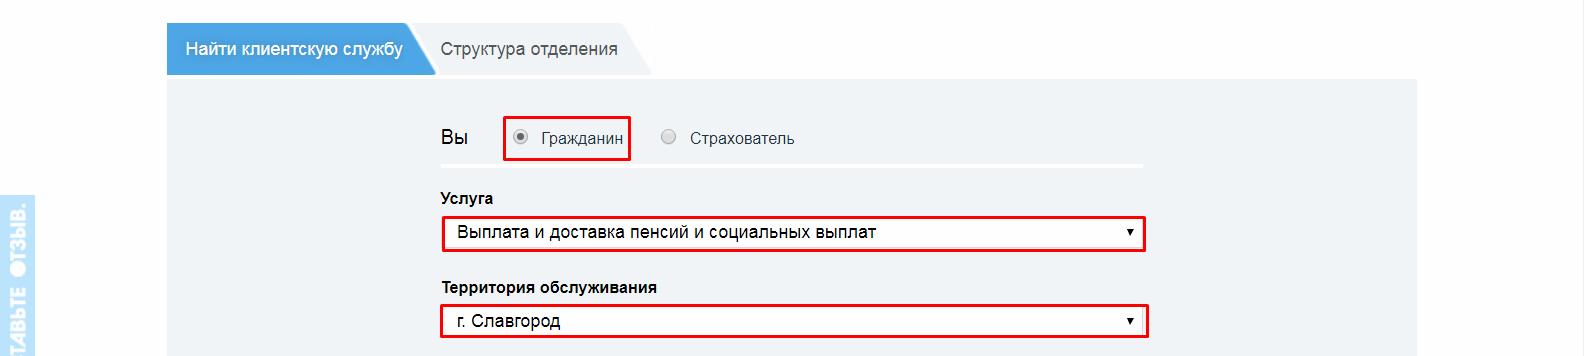 Пенсионный фонд Алтайского края официальный сайт